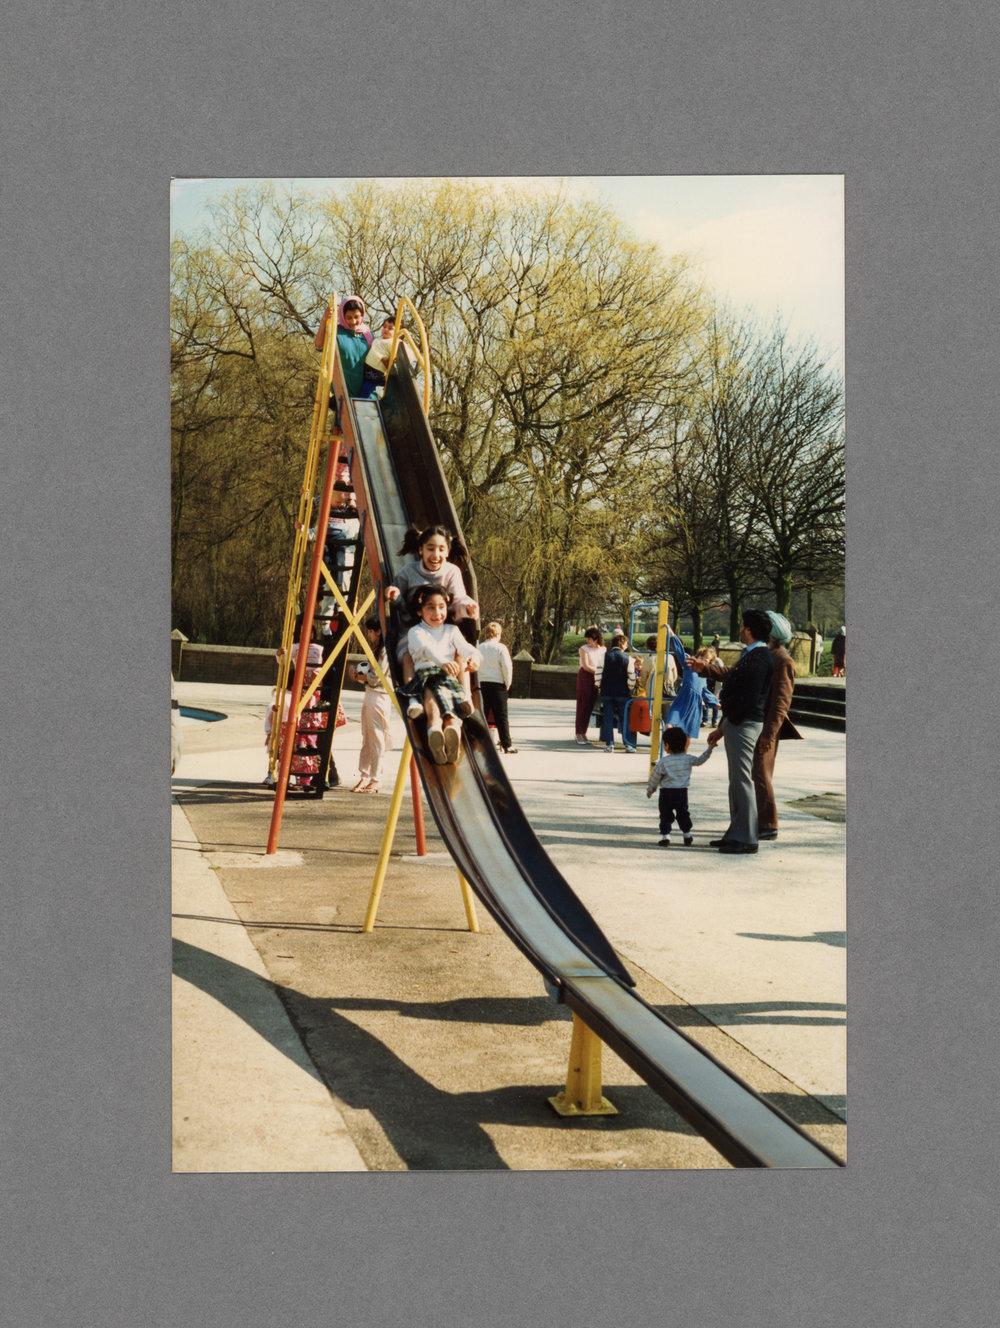 West Park c.1985